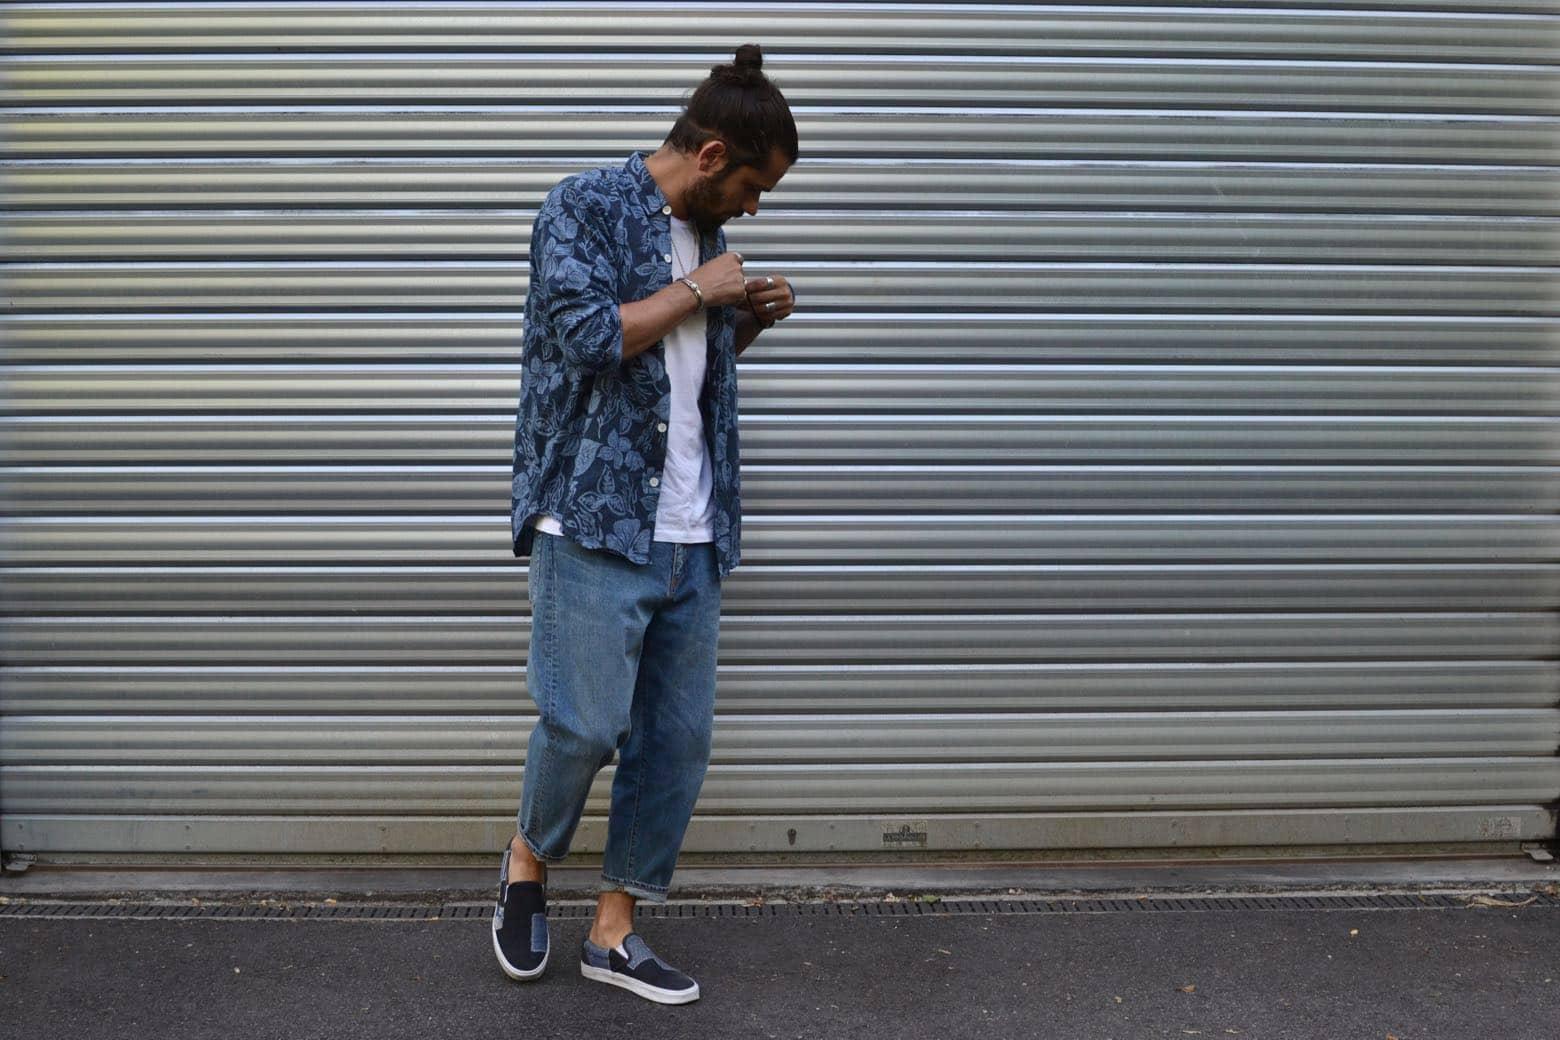 ideé de tenue homme aevc un jean bleach coupe tapered et look pour l'été